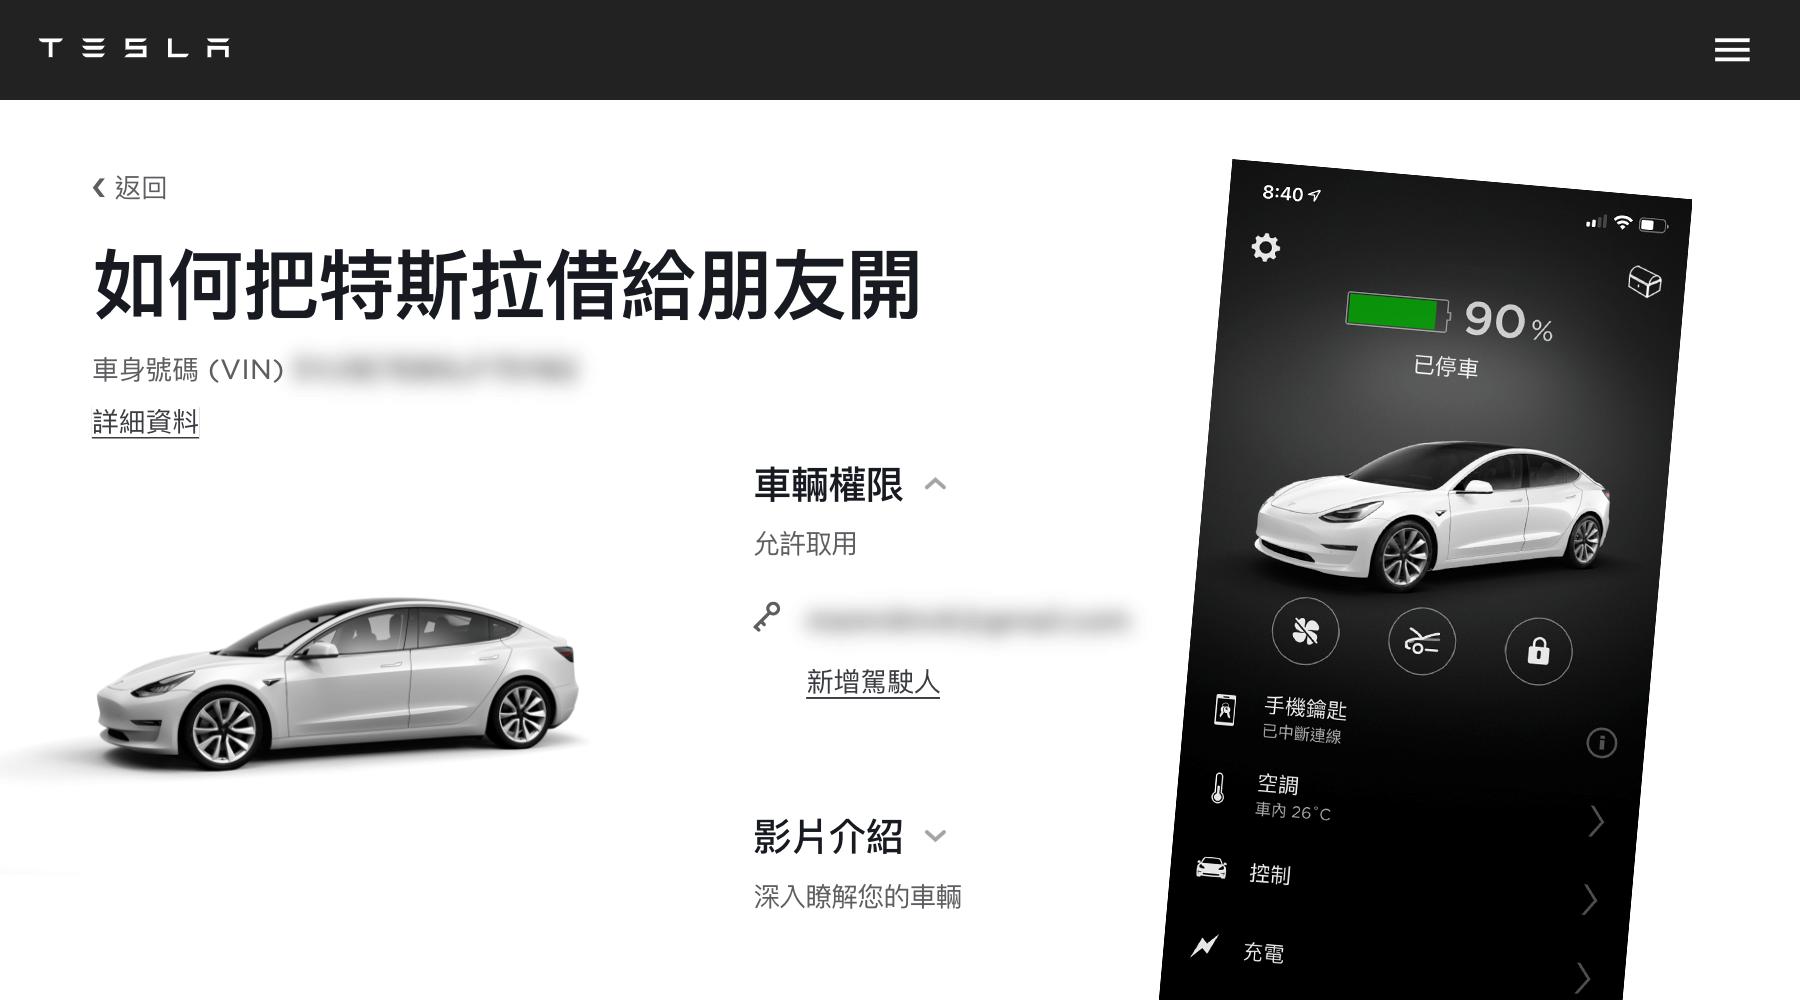 如何把特斯拉借給朋友開 新增獨立帳號不用鑰匙也能駕駛車輛